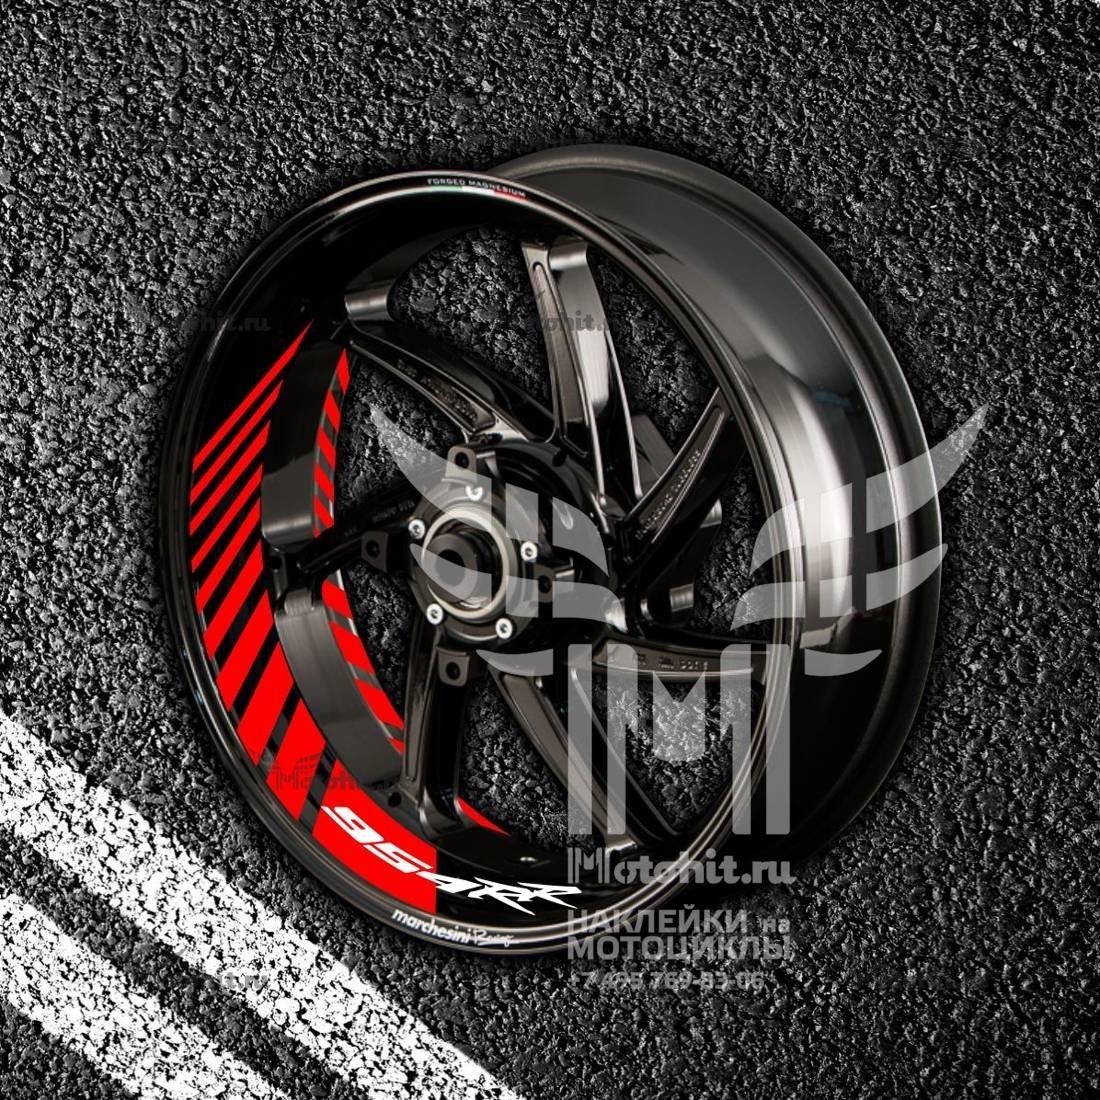 Комплект наклеек с полосами на колеса мотоцикла HONDA 954-RR